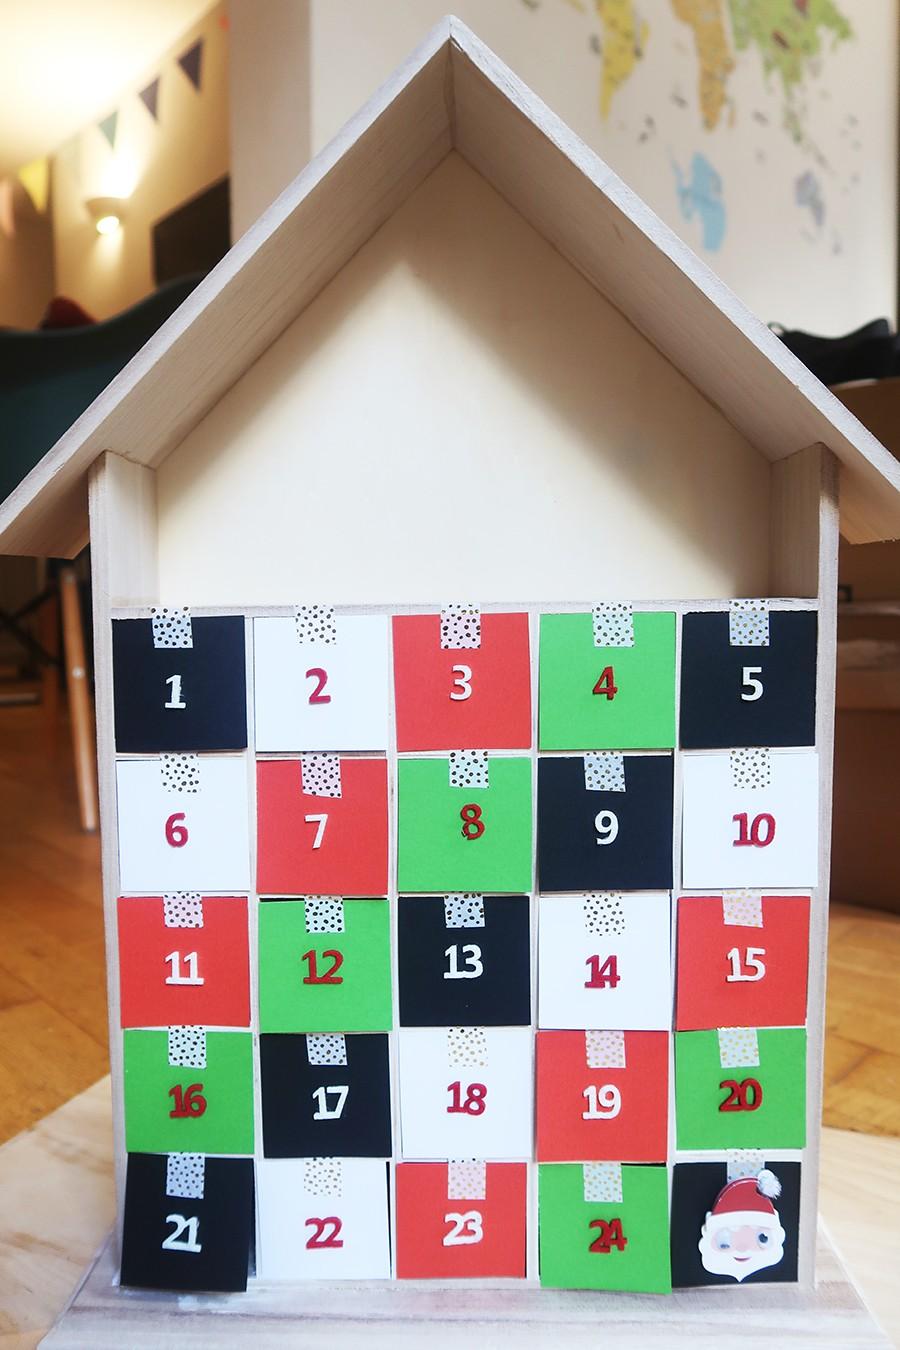 Notre calendrier maison + idées pour le remplir